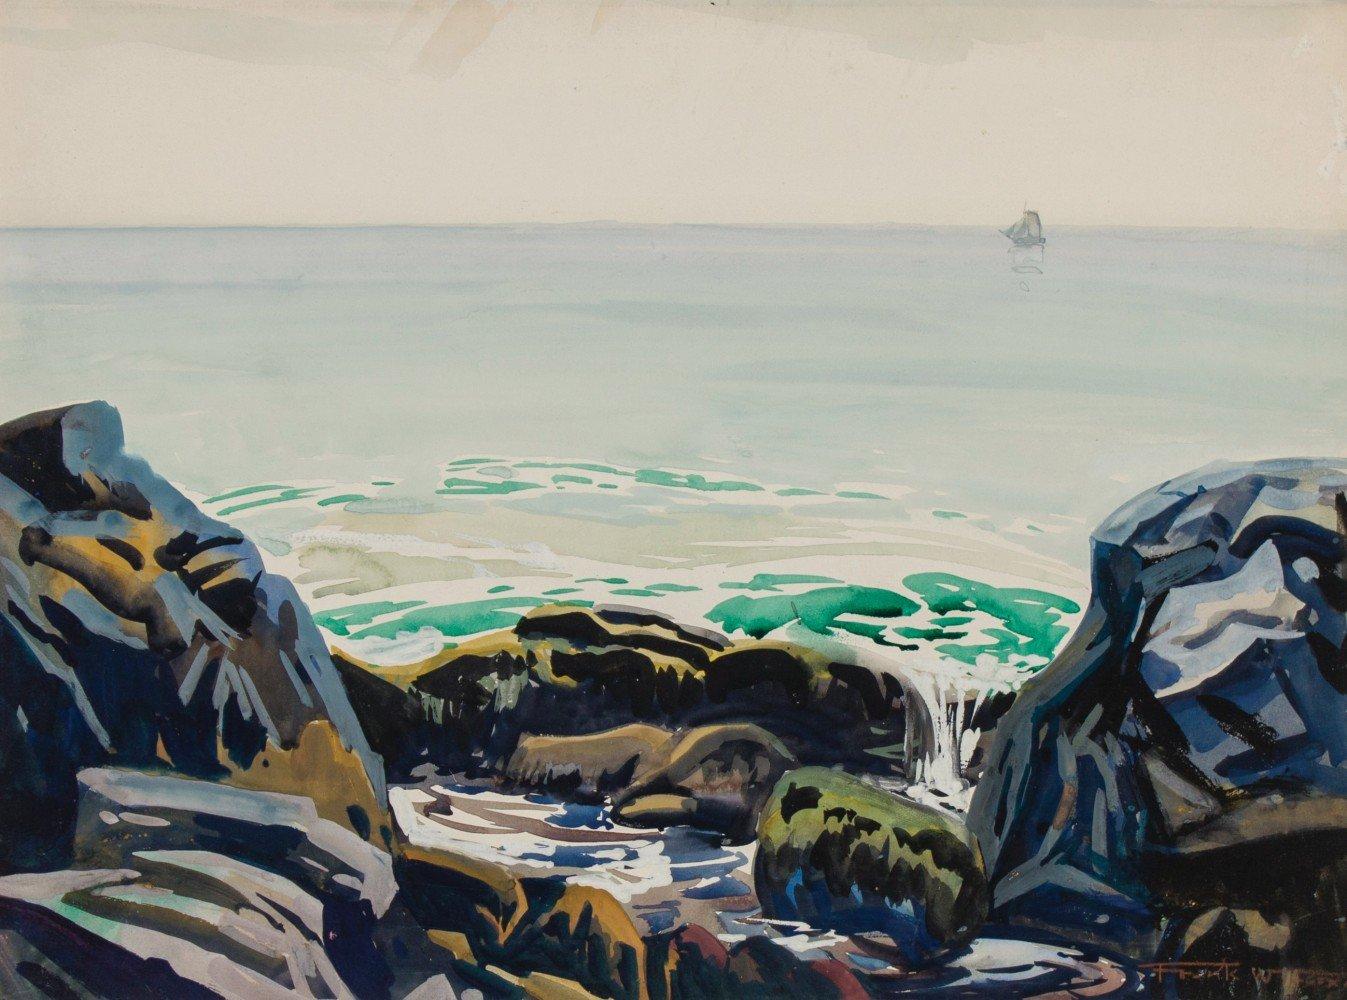 'Washer Woman' Monhegan Island, Maine by Frank Nelson Wilcox